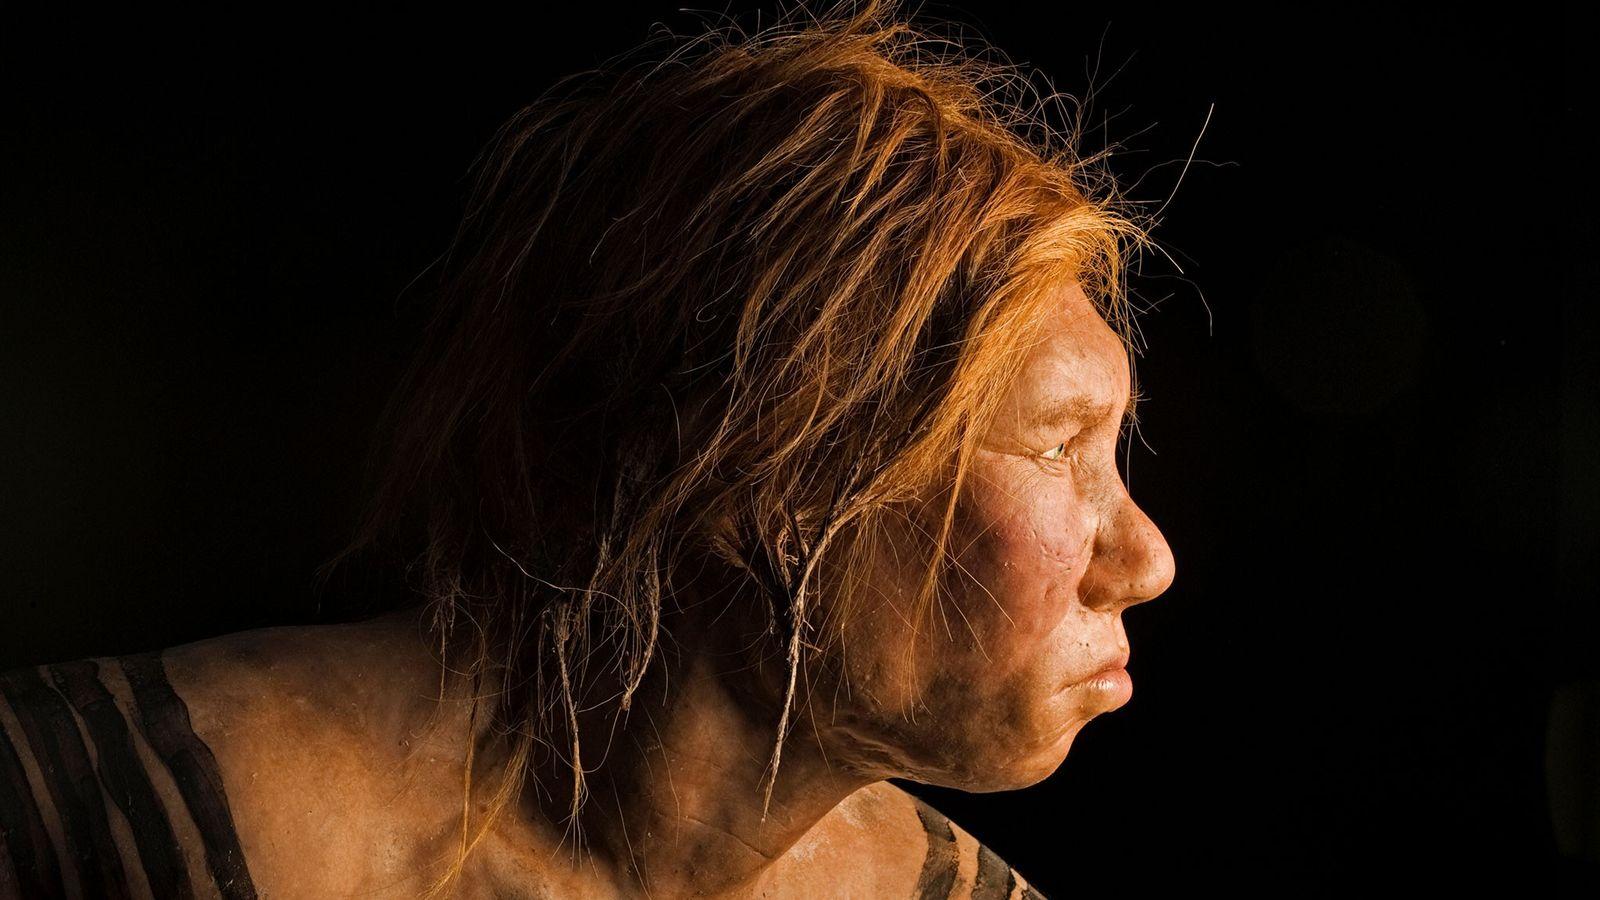 Descoberta em 2008, esta reconstrução de uma mulher neandertal foi a primeira feita utilizando evidência de ...